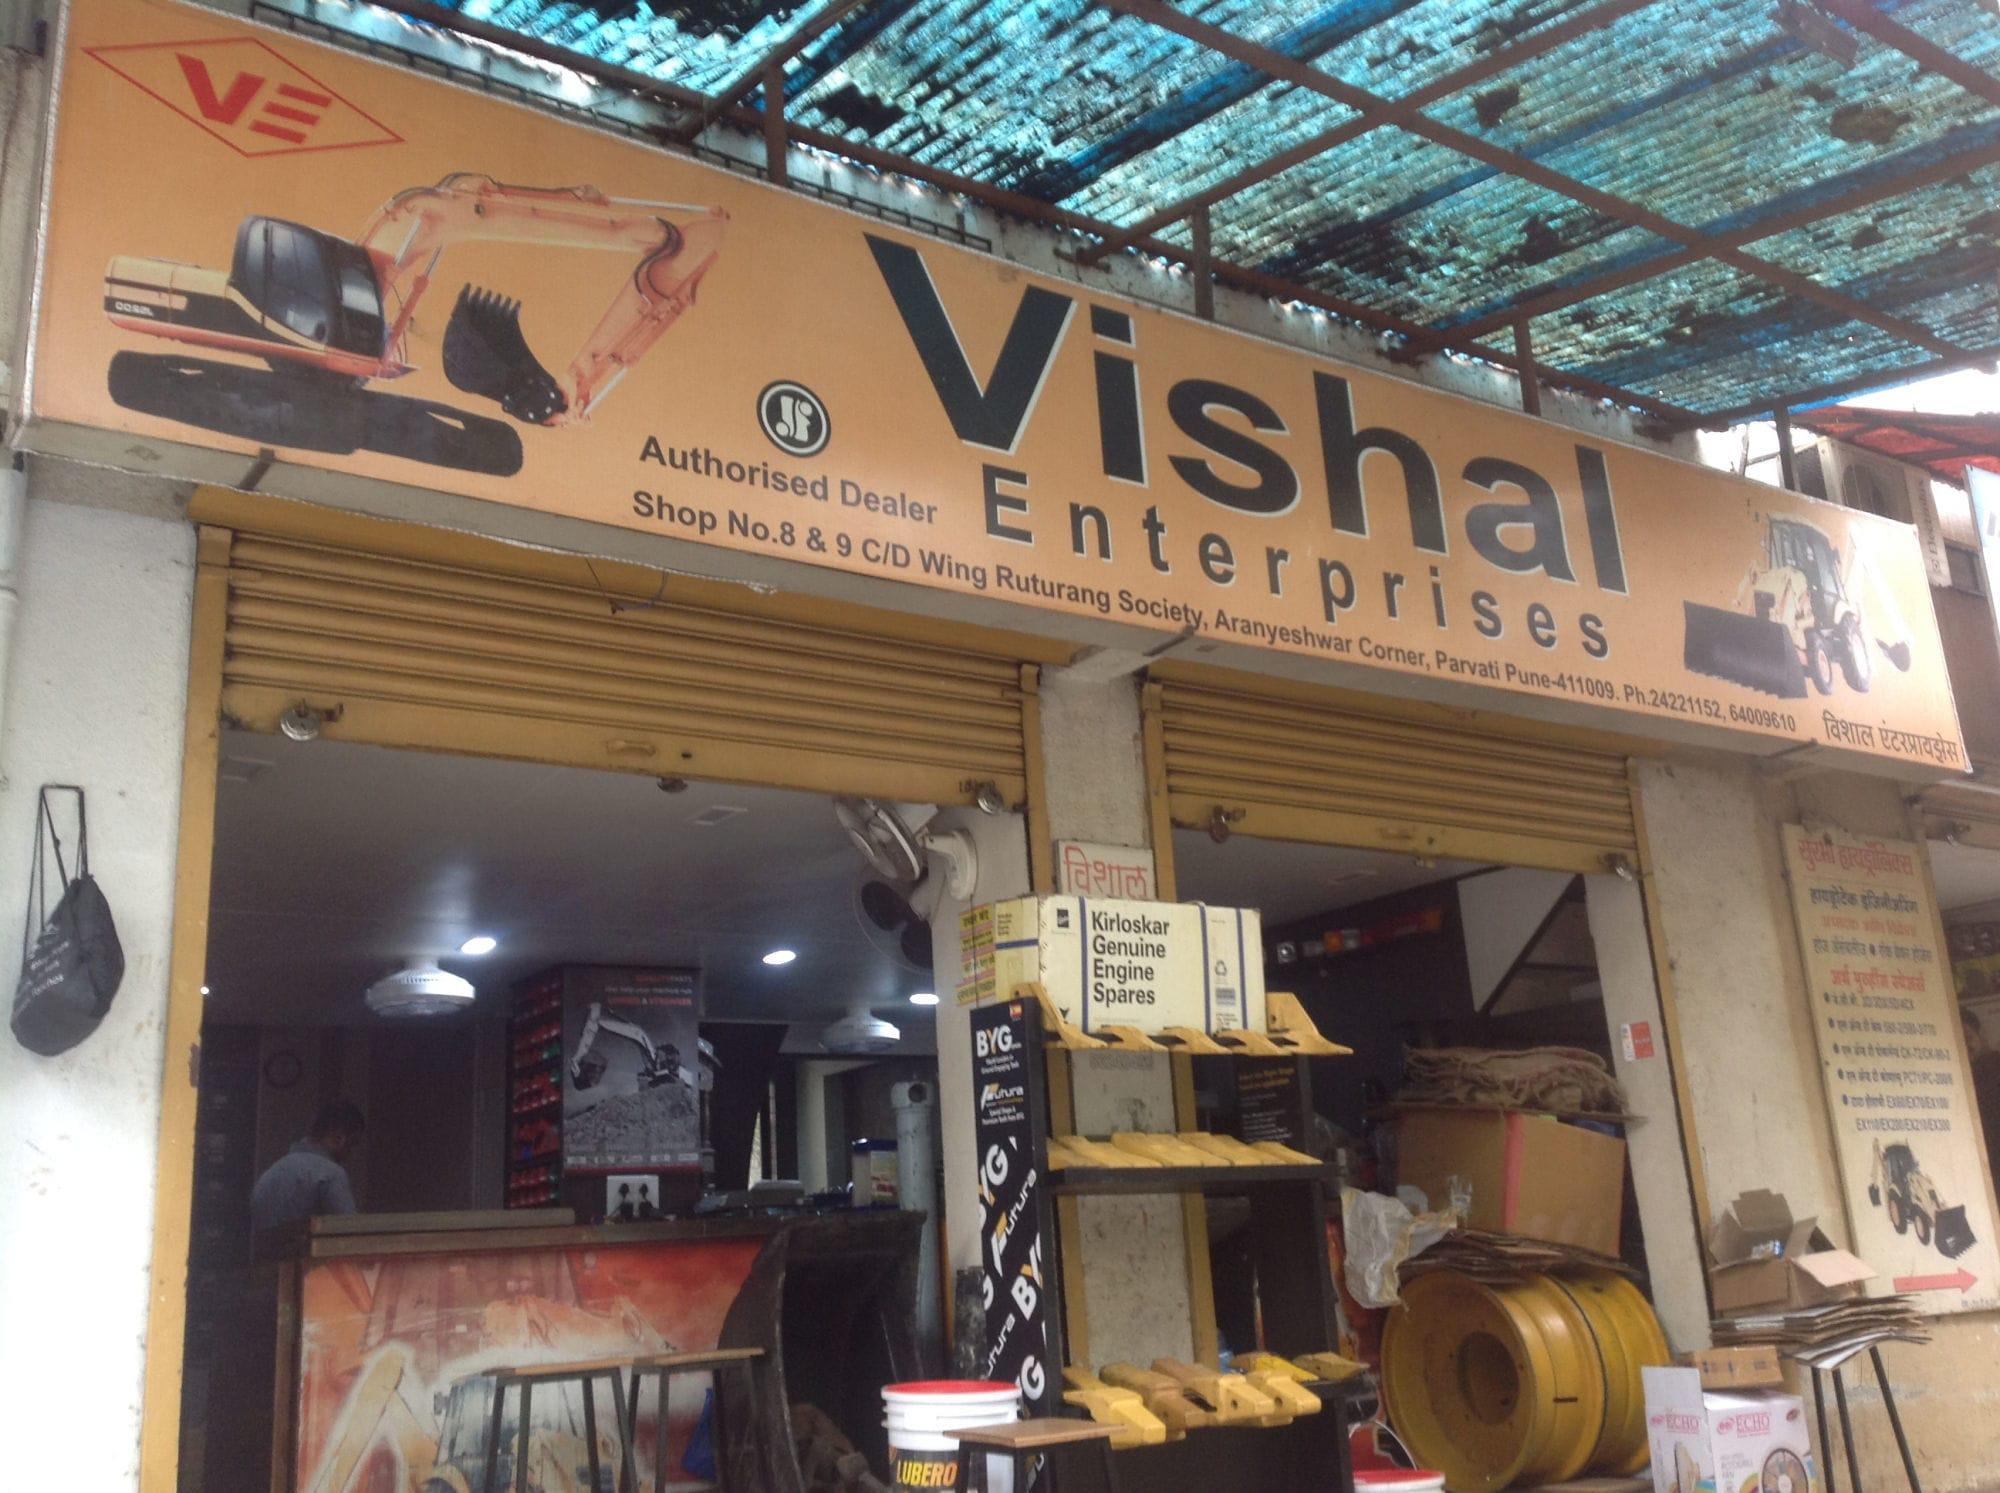 Top 10 Komatsu Earthmover Part Dealers in Pune - Best